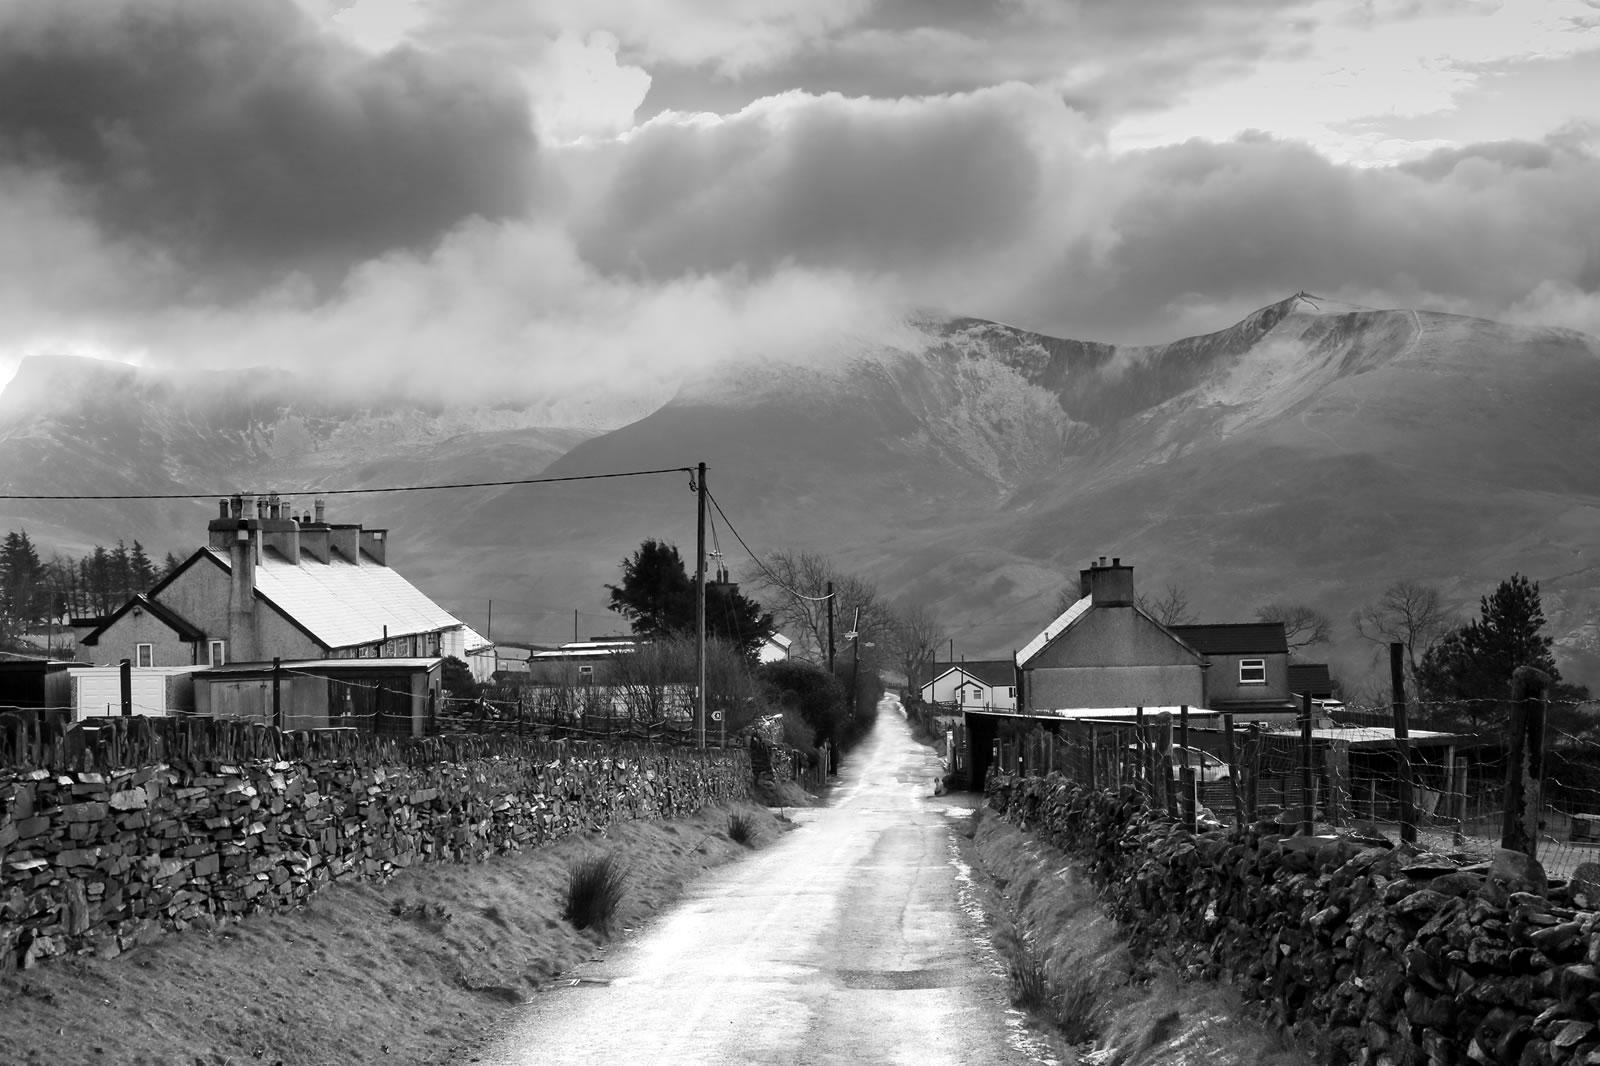 Y-Fron-Snowdonia-by-David-Wilson-3